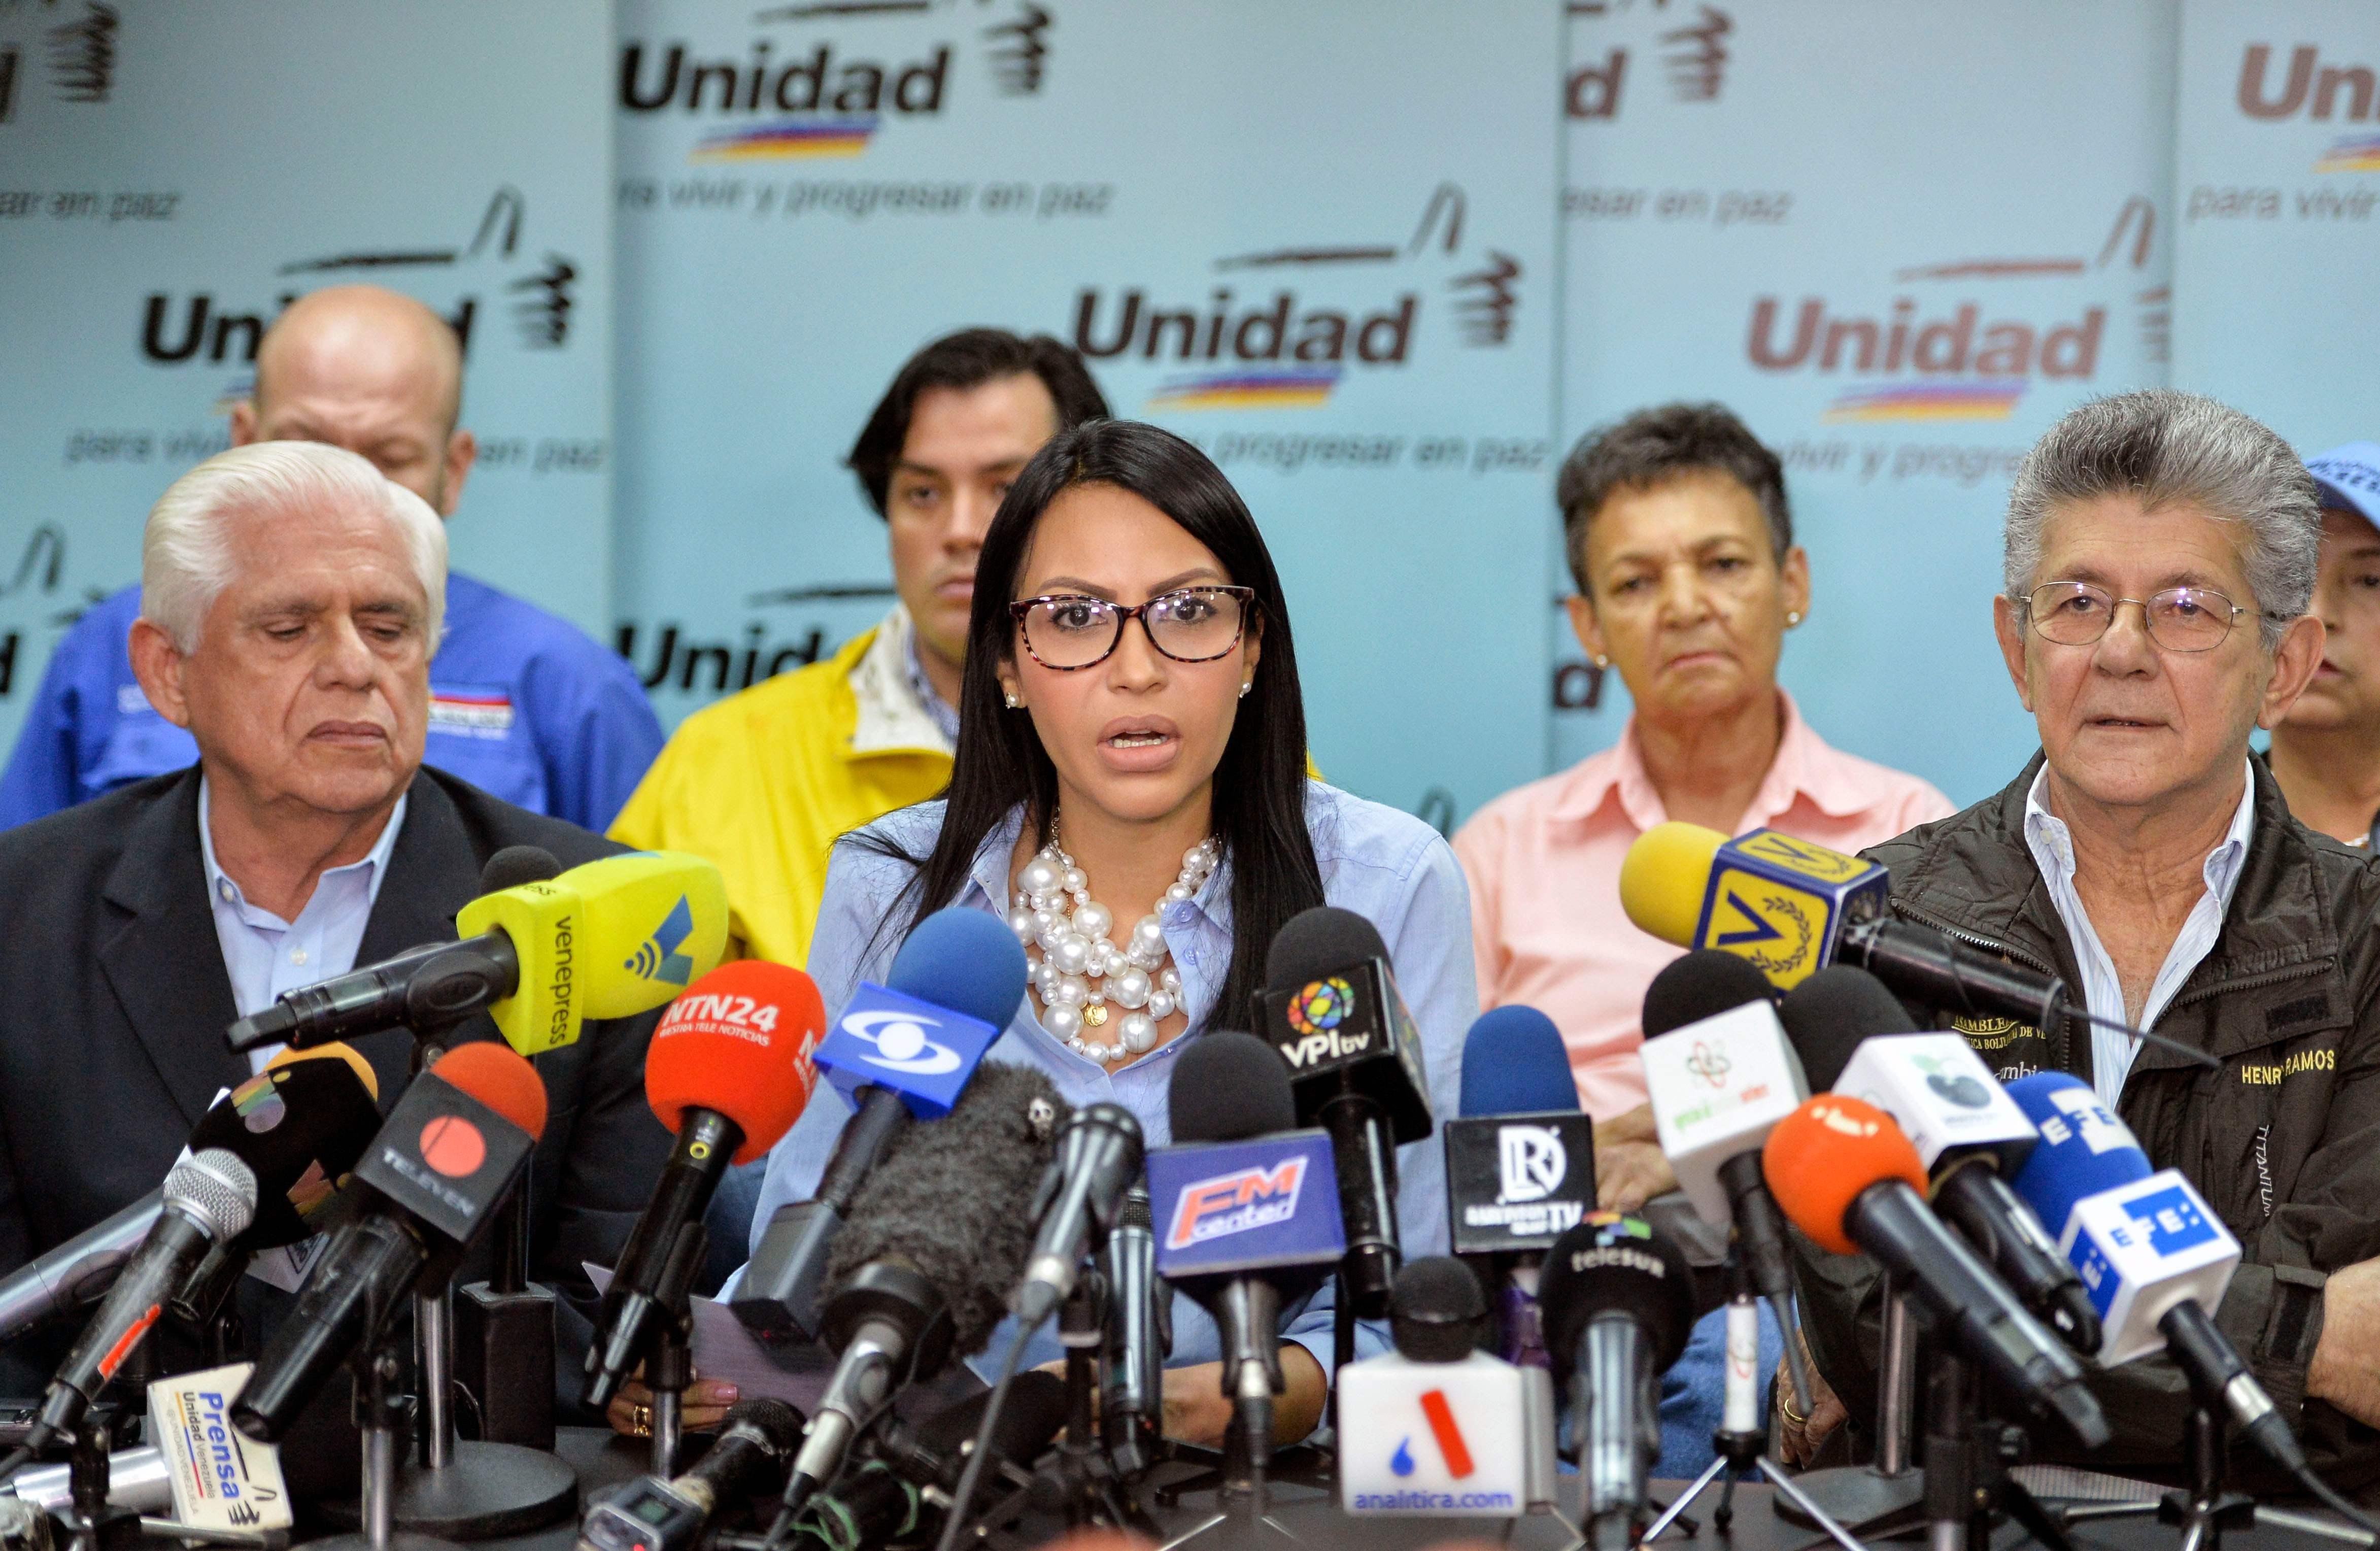 المعارضة الفنزويلية تدعو لمقاطعة الانتخابات